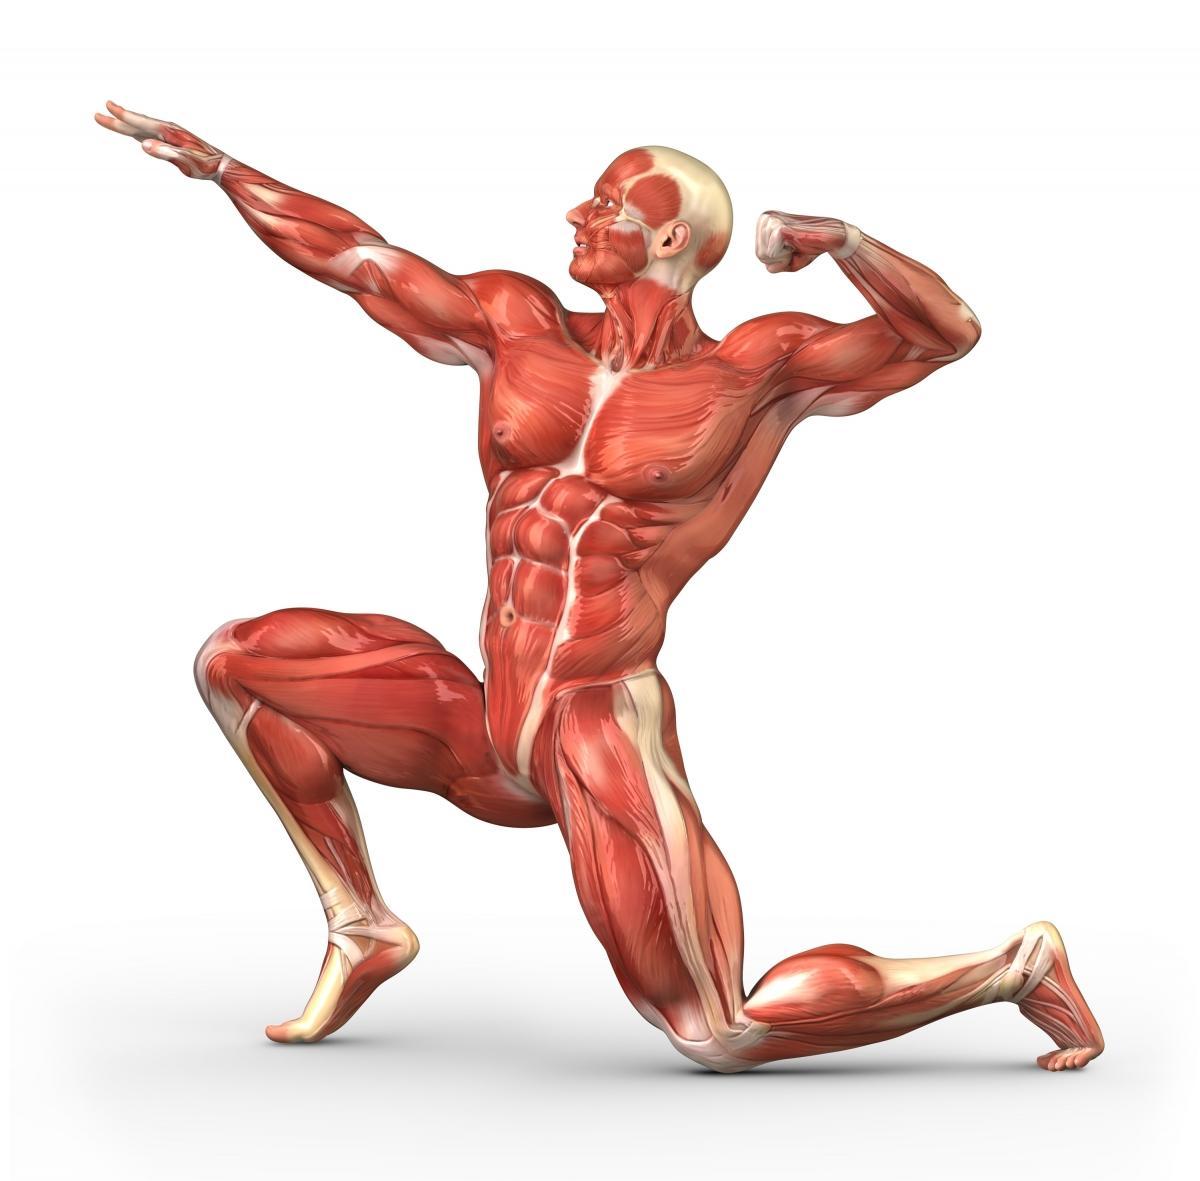 Lichamelijke ondersteuning en voetverzorging